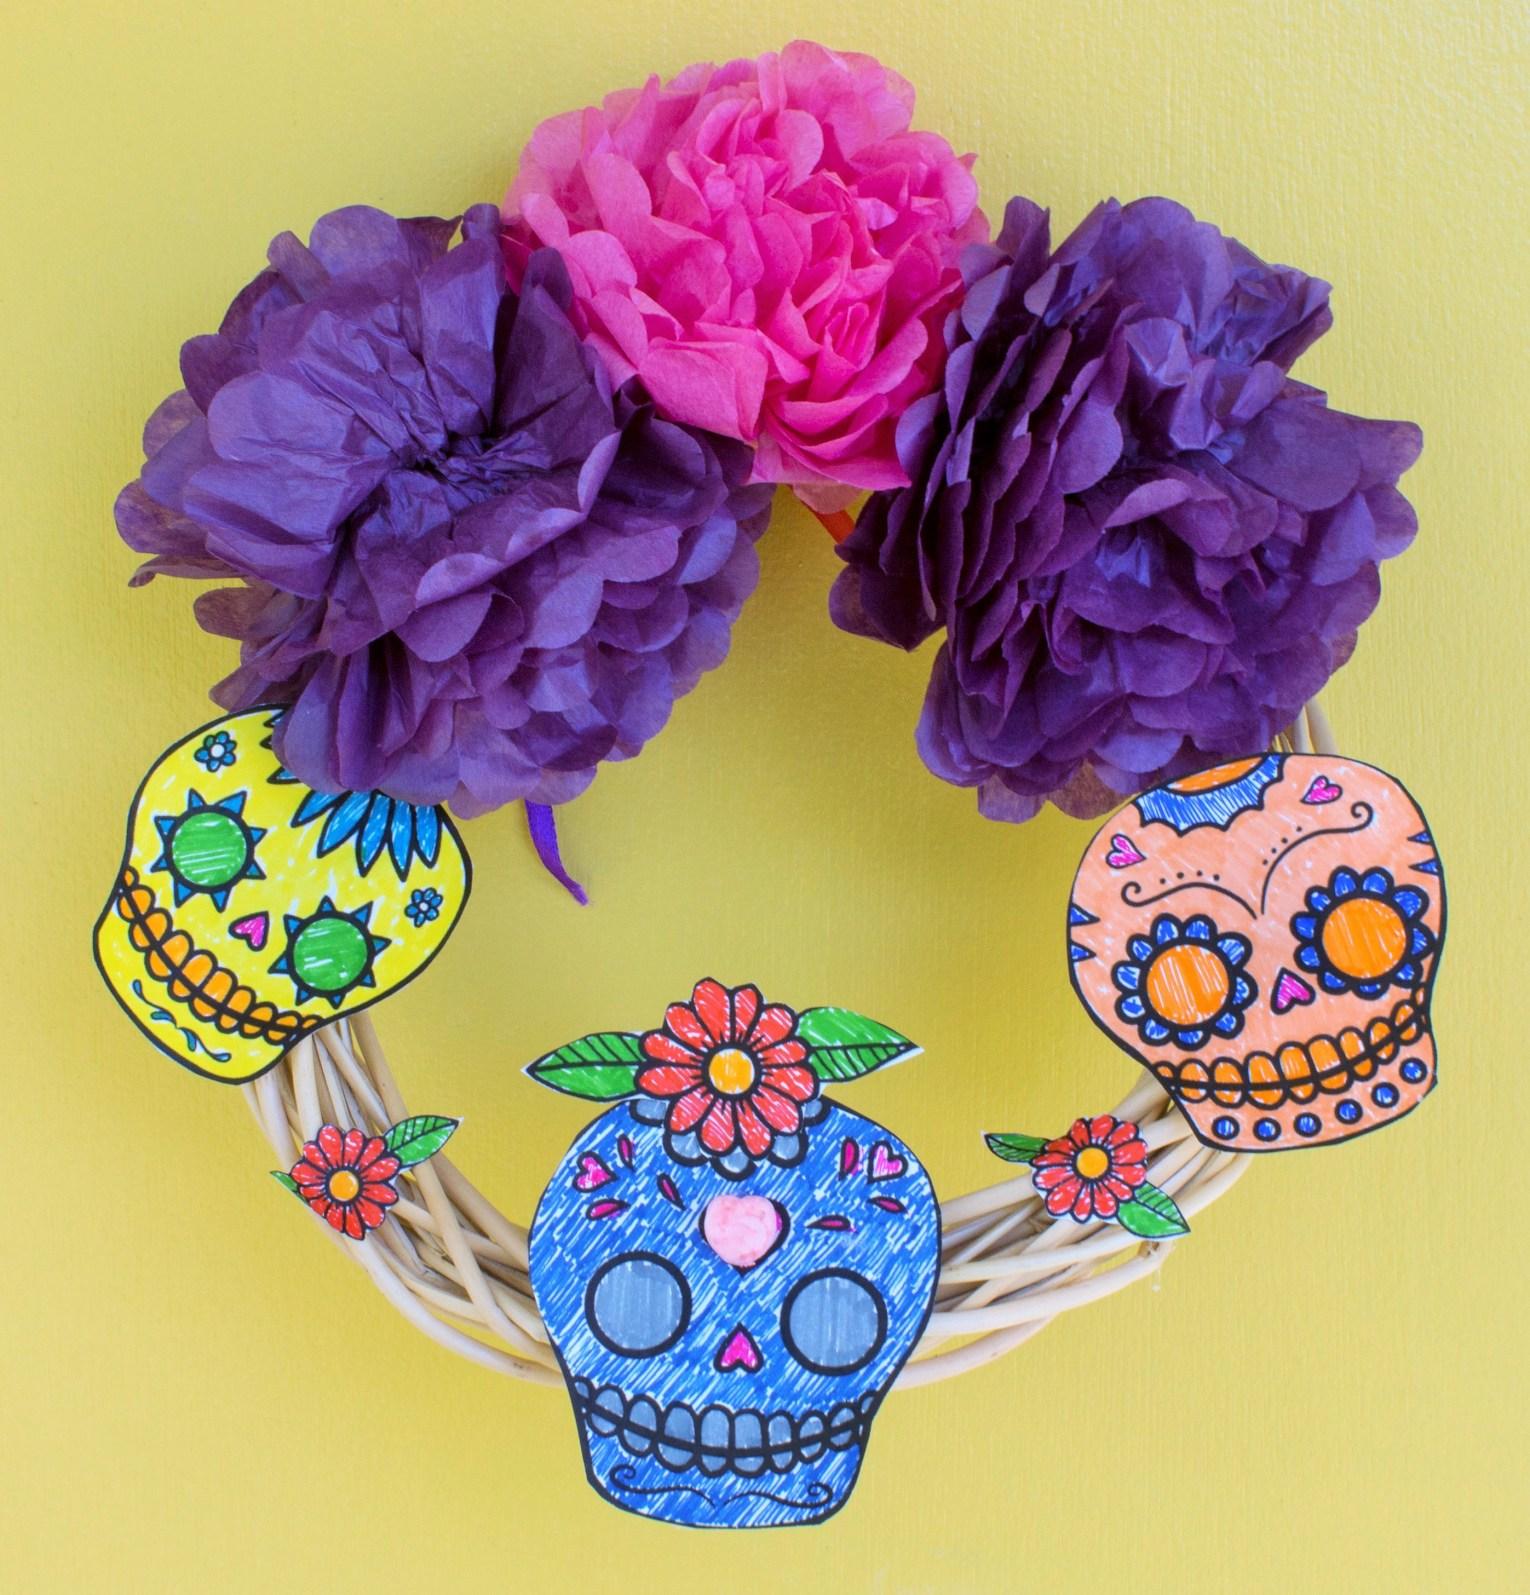 DYI Dia De Los Muertos Wreath